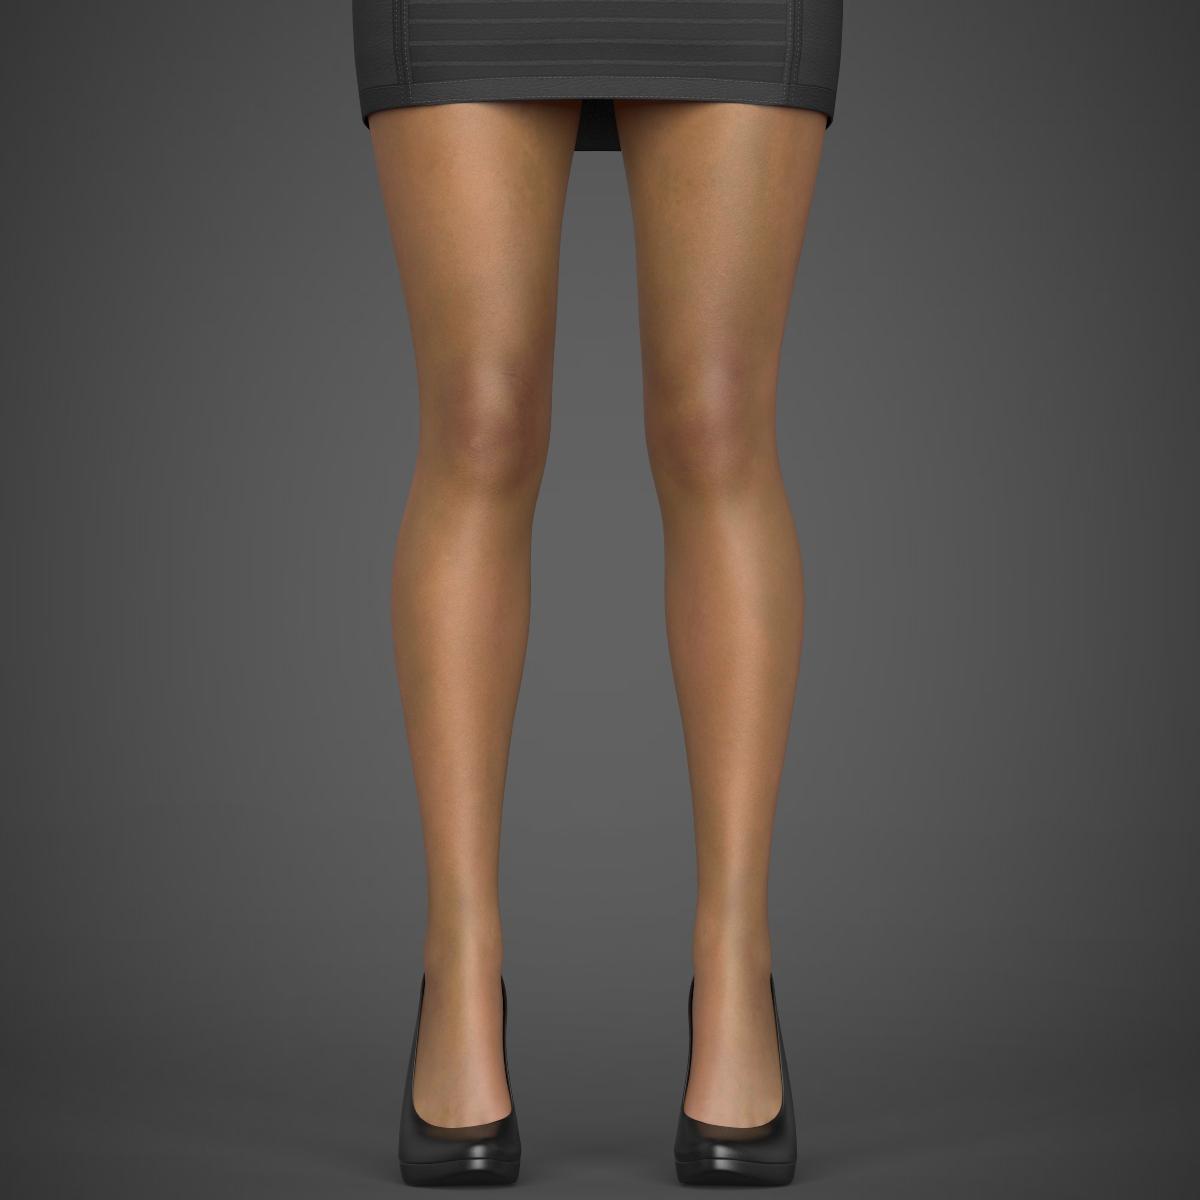 young sexy woman 3d model max fbx c4d ma mb texture obj 221215